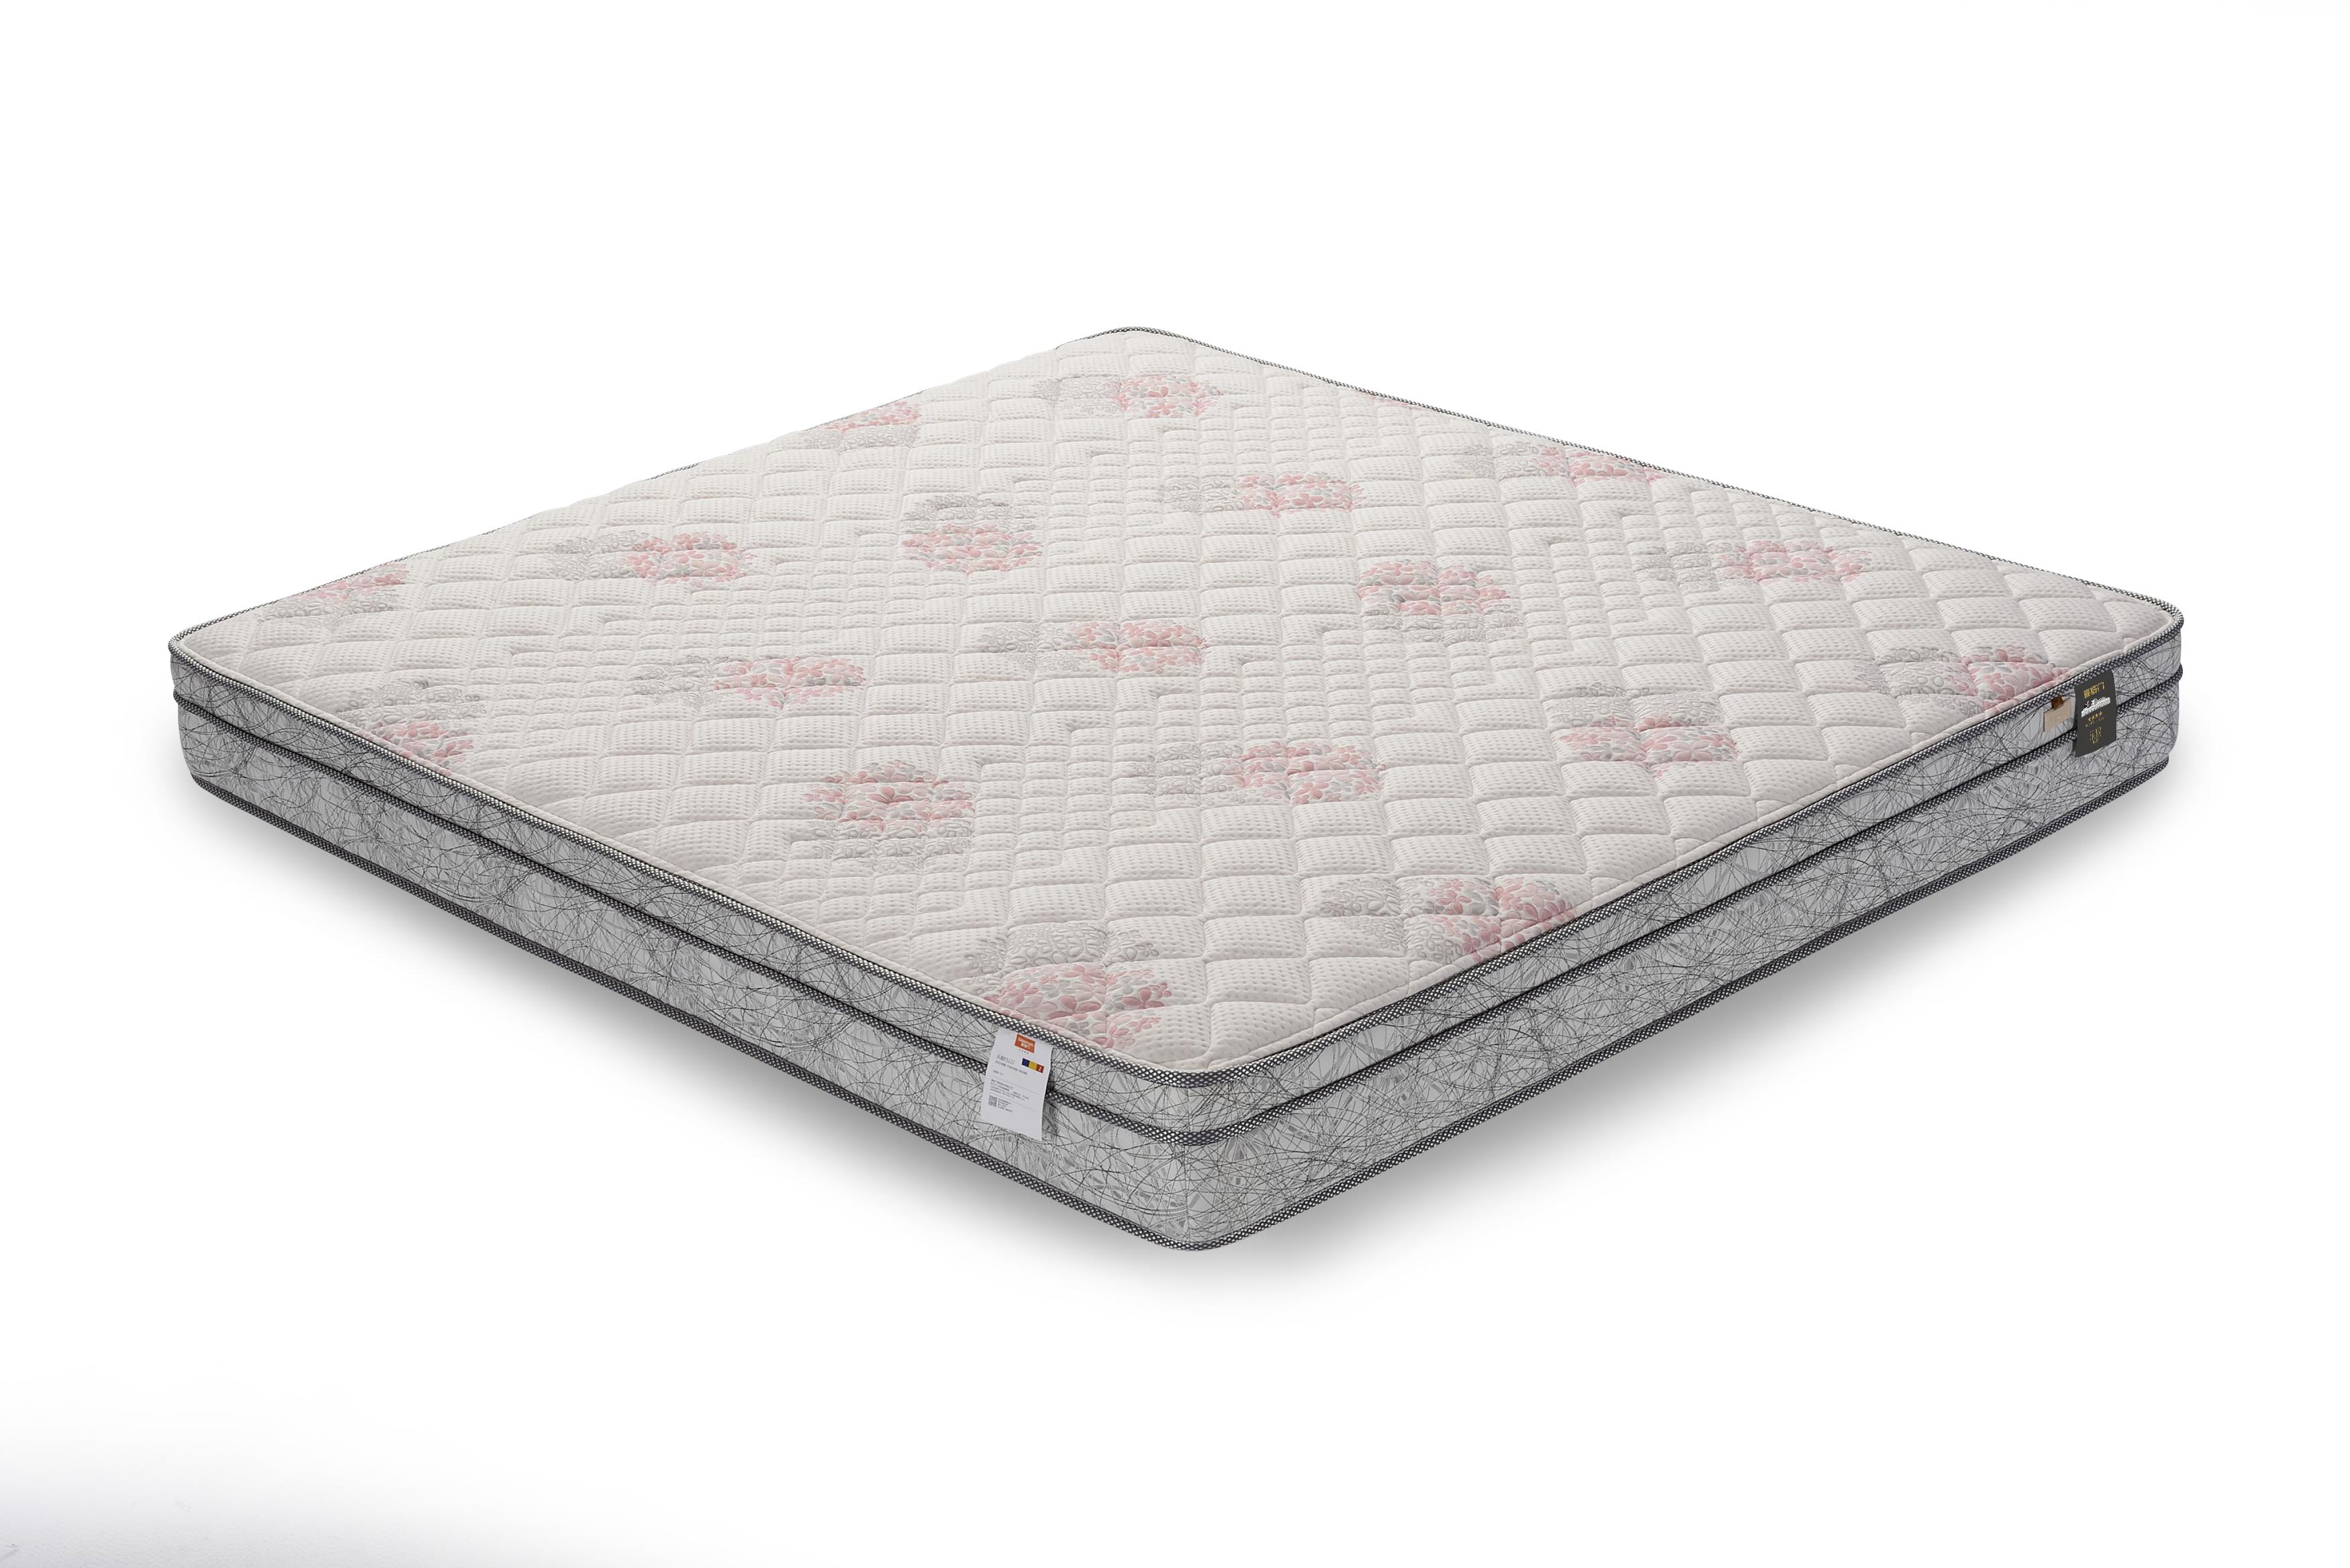 乐眠弹簧海绵床垫黄麻纳米竹炭净化除螨软硬双面床垫5122